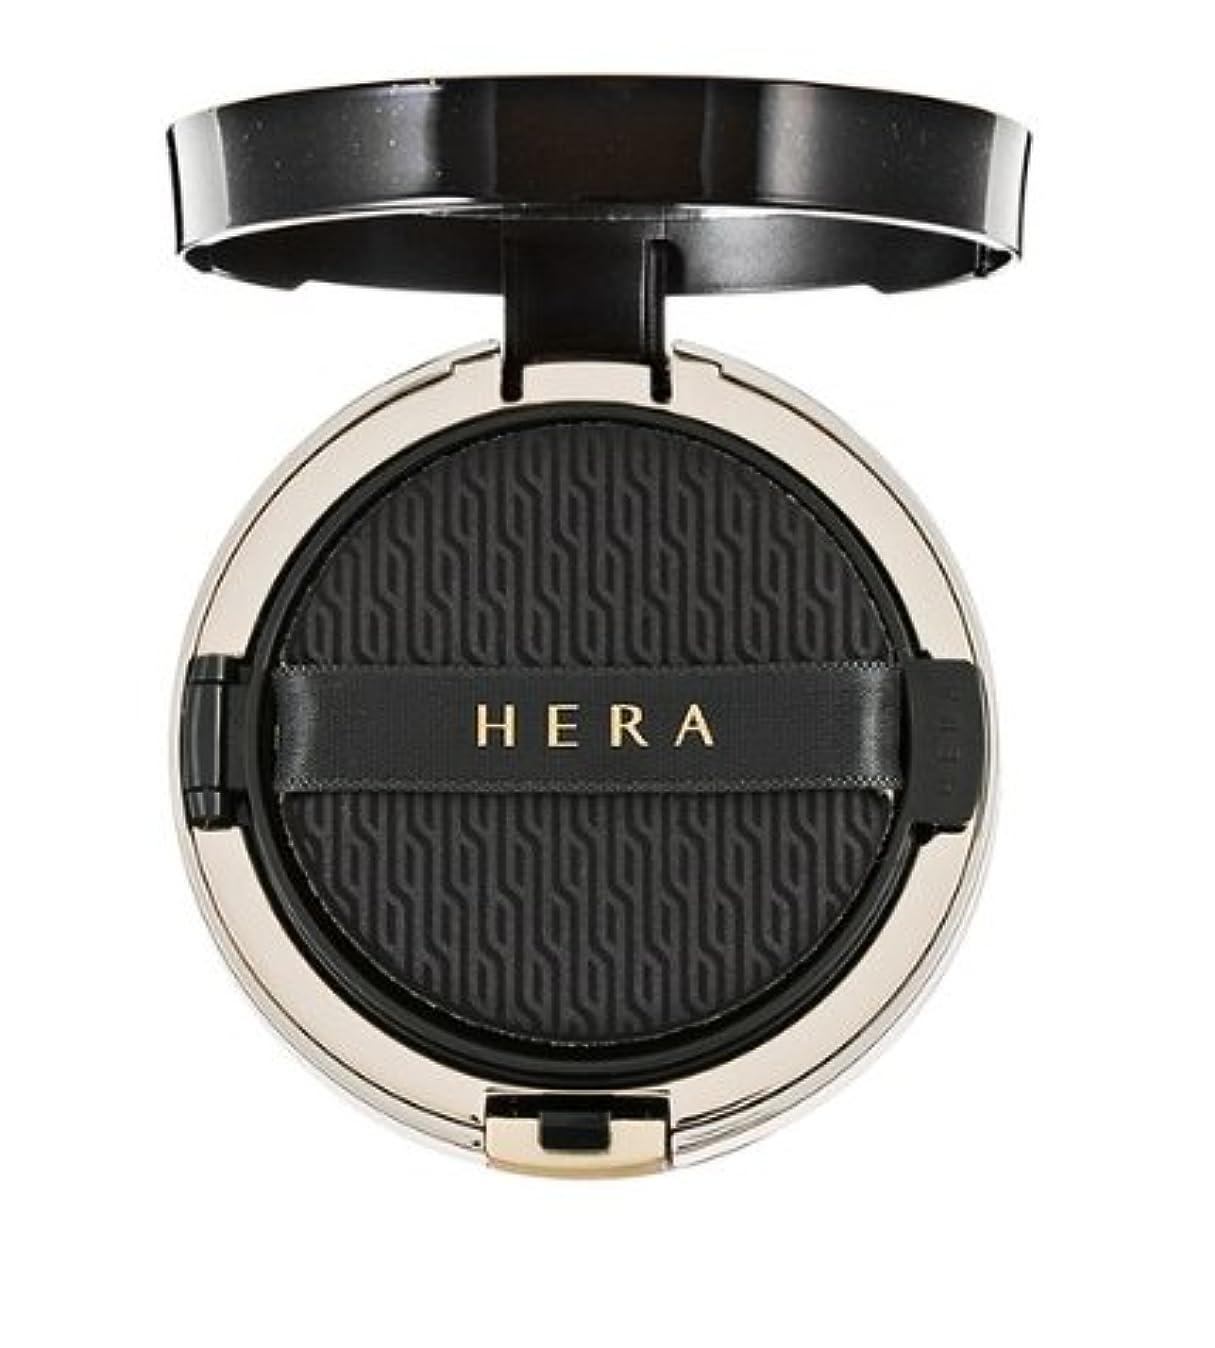 誰か絶壁スケジュール(ヘラ) Hera ブラッククッション SPF34/PA++ 本品15g+リフィール15g / Black Cushion SPF34/PA++ 15g+Refil15g (No.23 Beige) (韓国直発送) shumaman